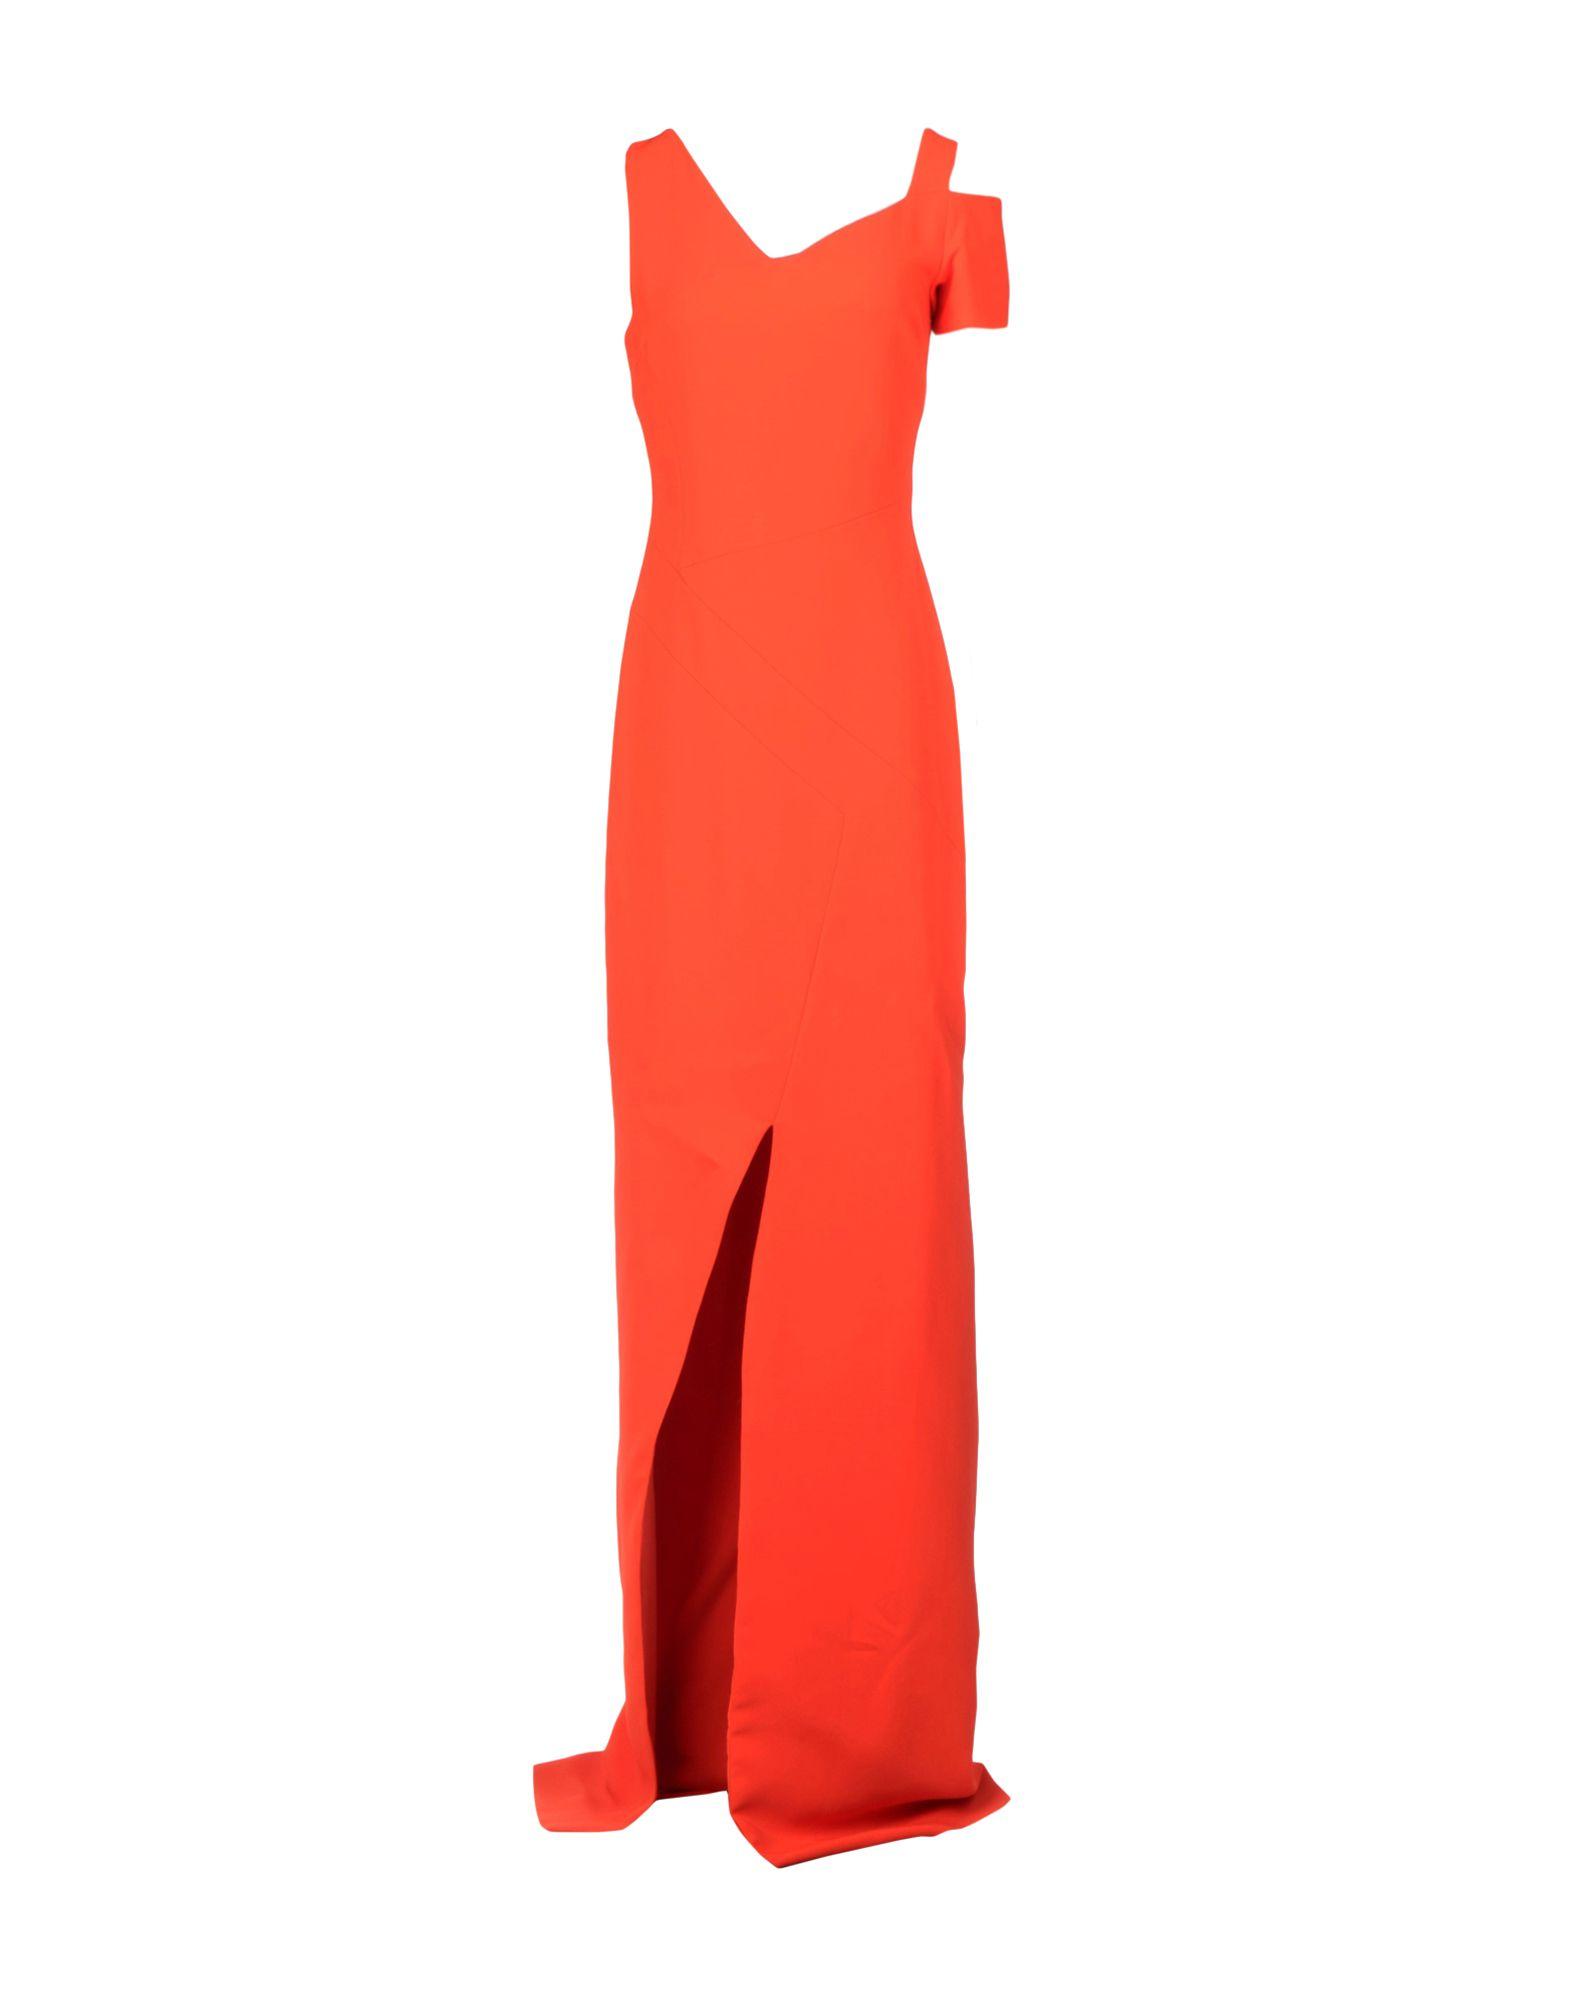 ANTONIO BERARDI Длинное платье платье короткое спереди длинное сзади летнее